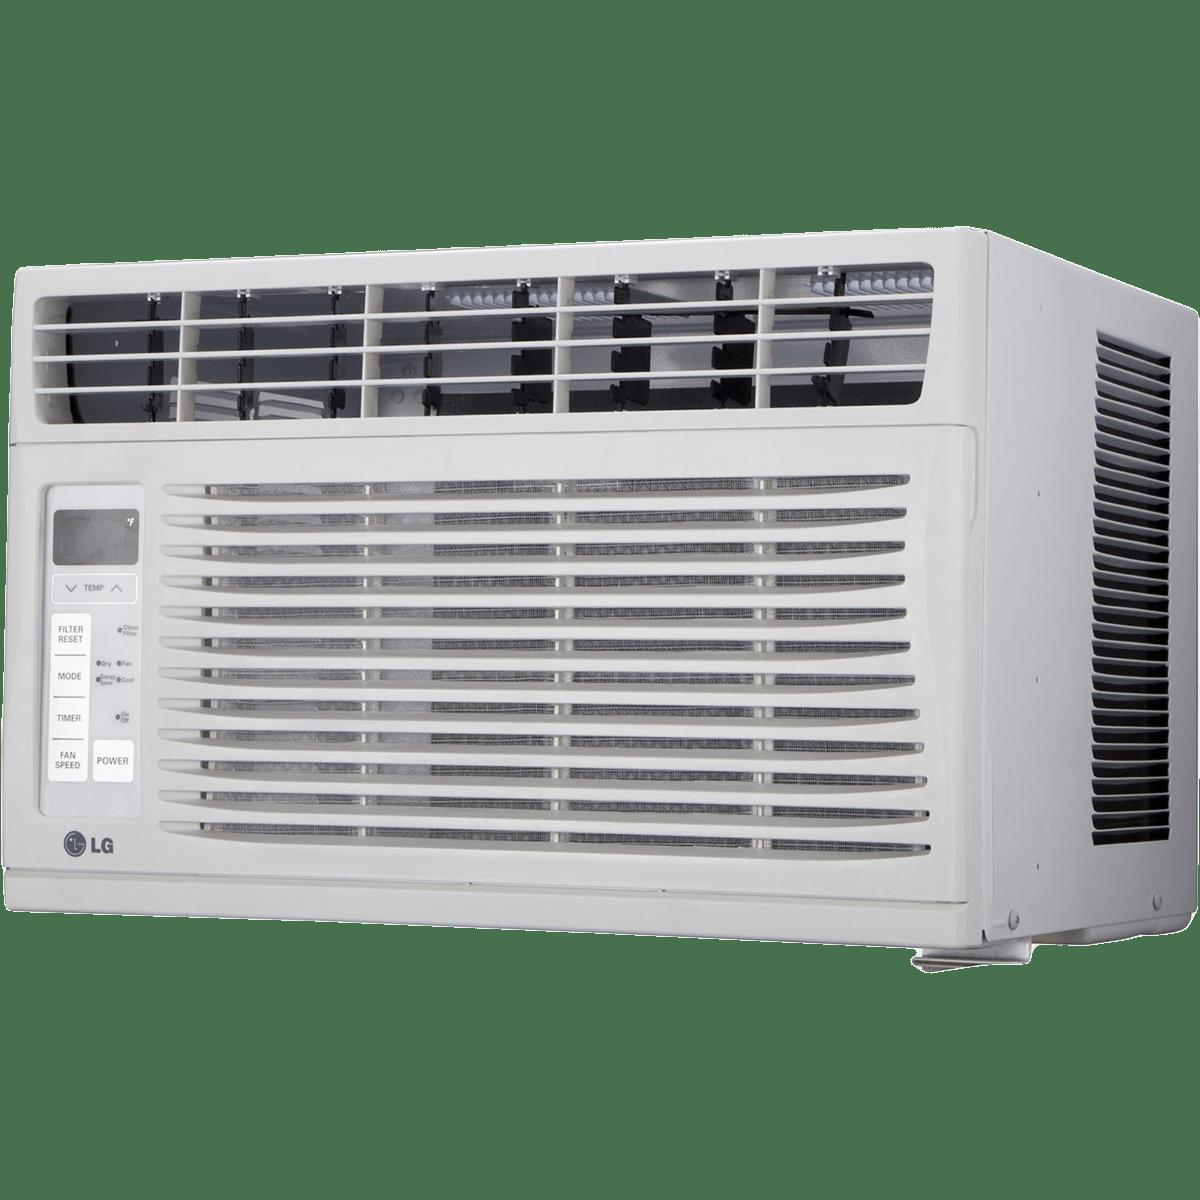 LG LW6016R 6000 BTU Window Air Conditioner lg5666